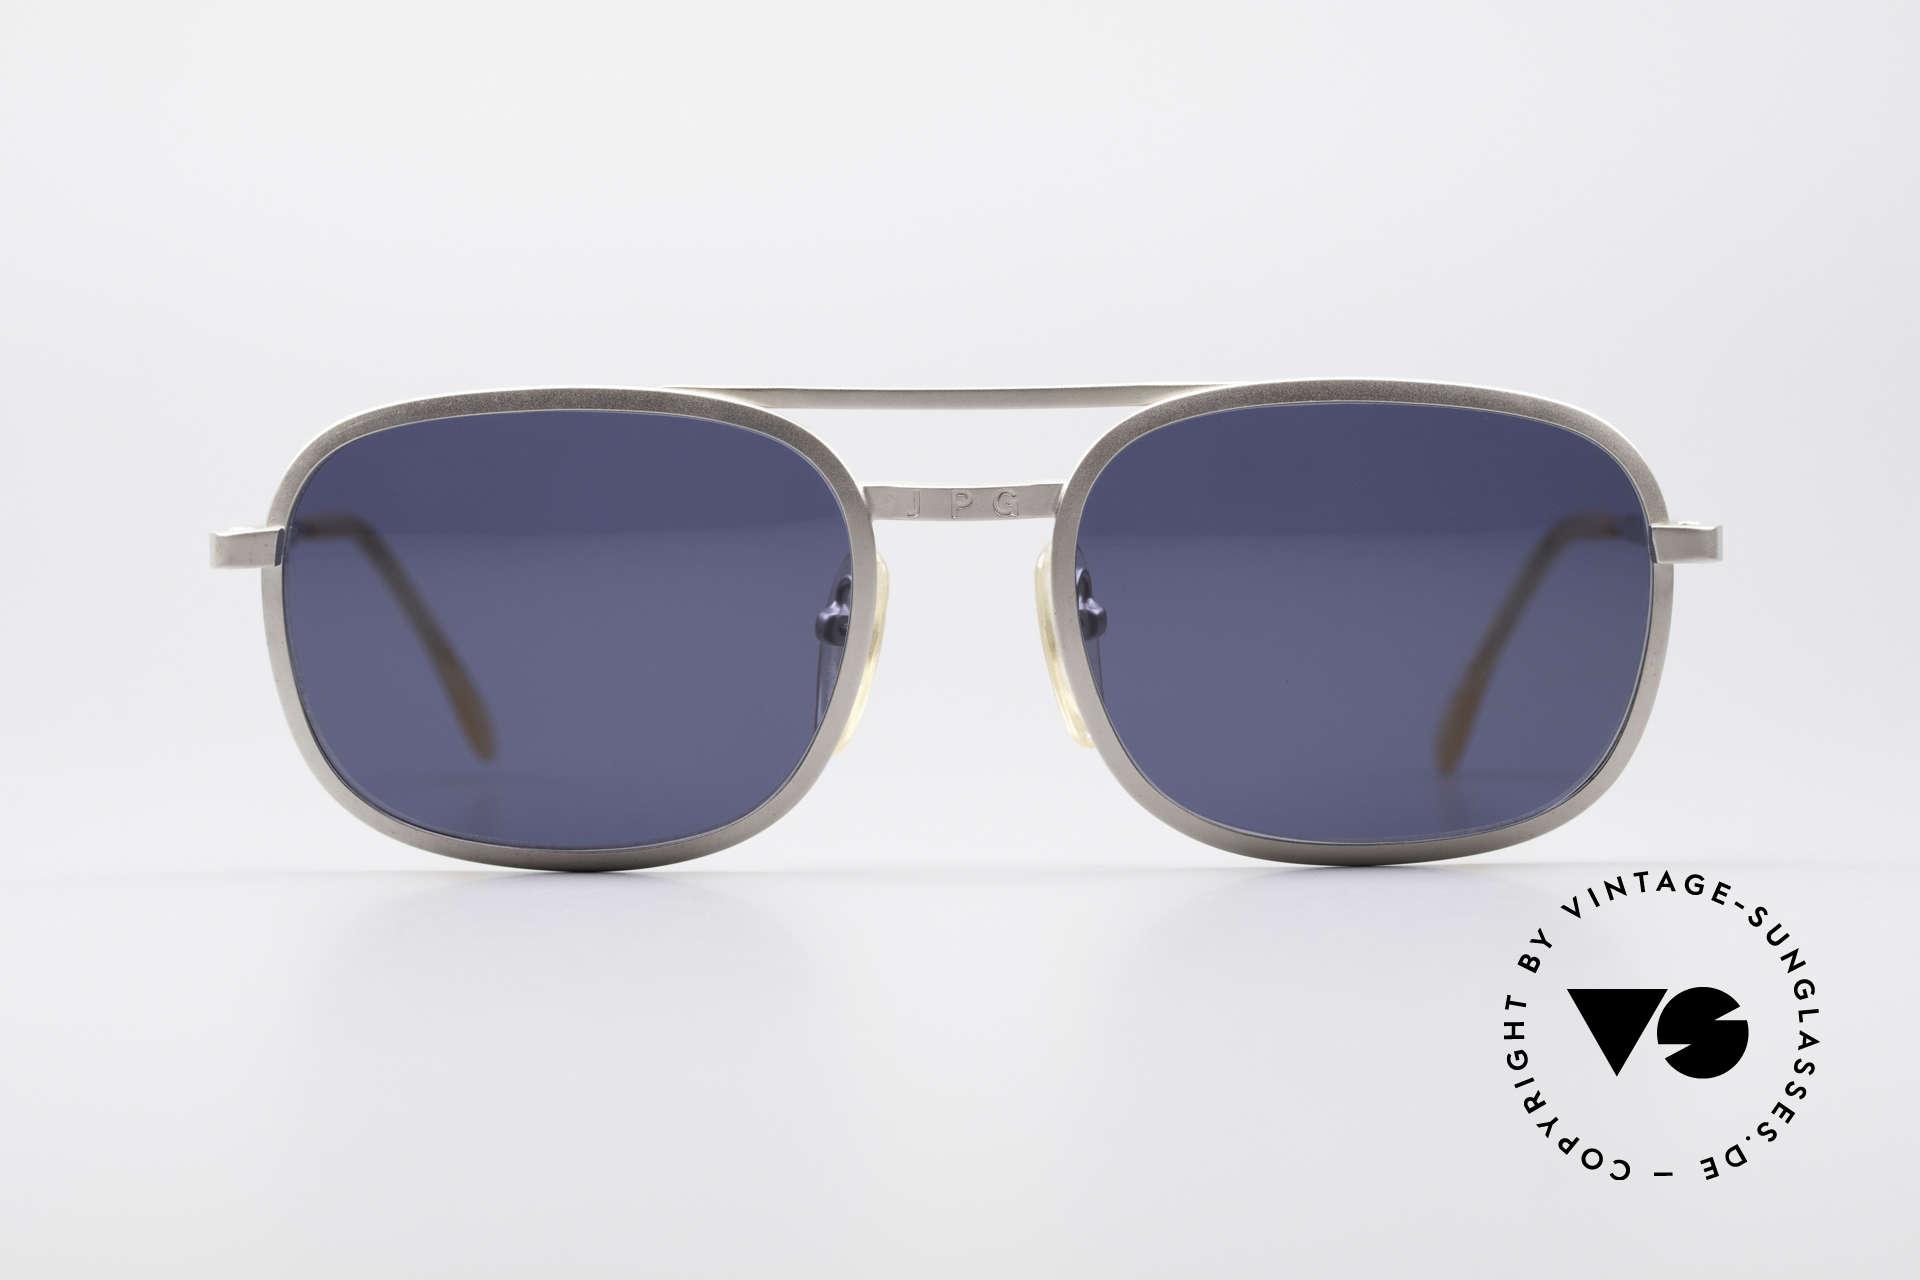 Jean Paul Gaultier 56-1172 Klassische 90er Sonnenbrille, klassisches Design mit JPG-Logo auf Brücke & Bügeln, Passend für Herren